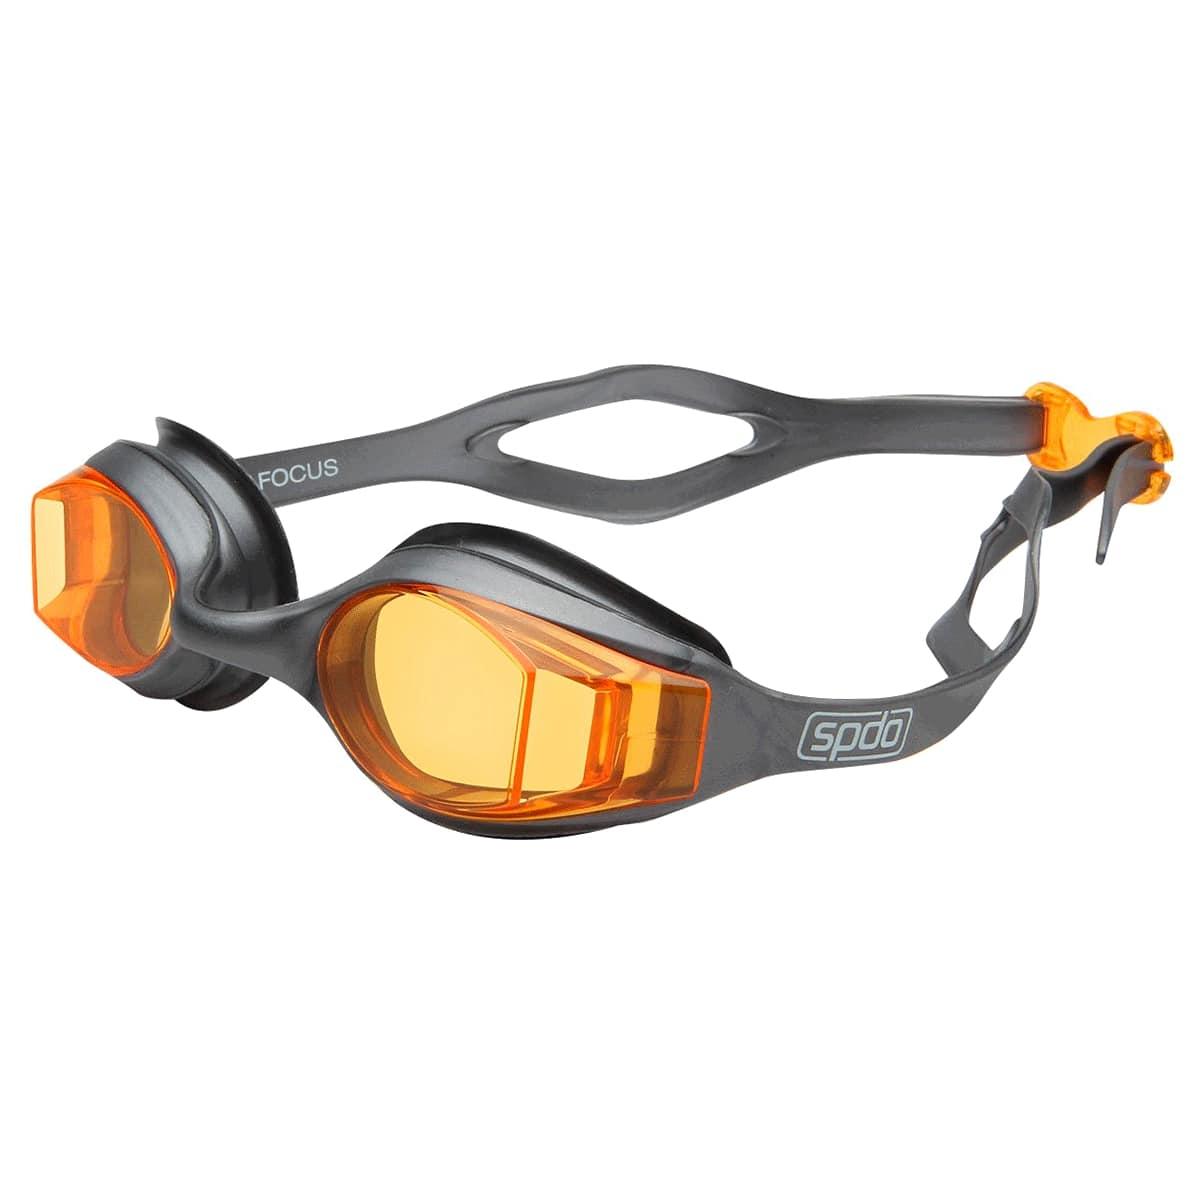 Óculos Natação Speedo Focus Laranja Cinza